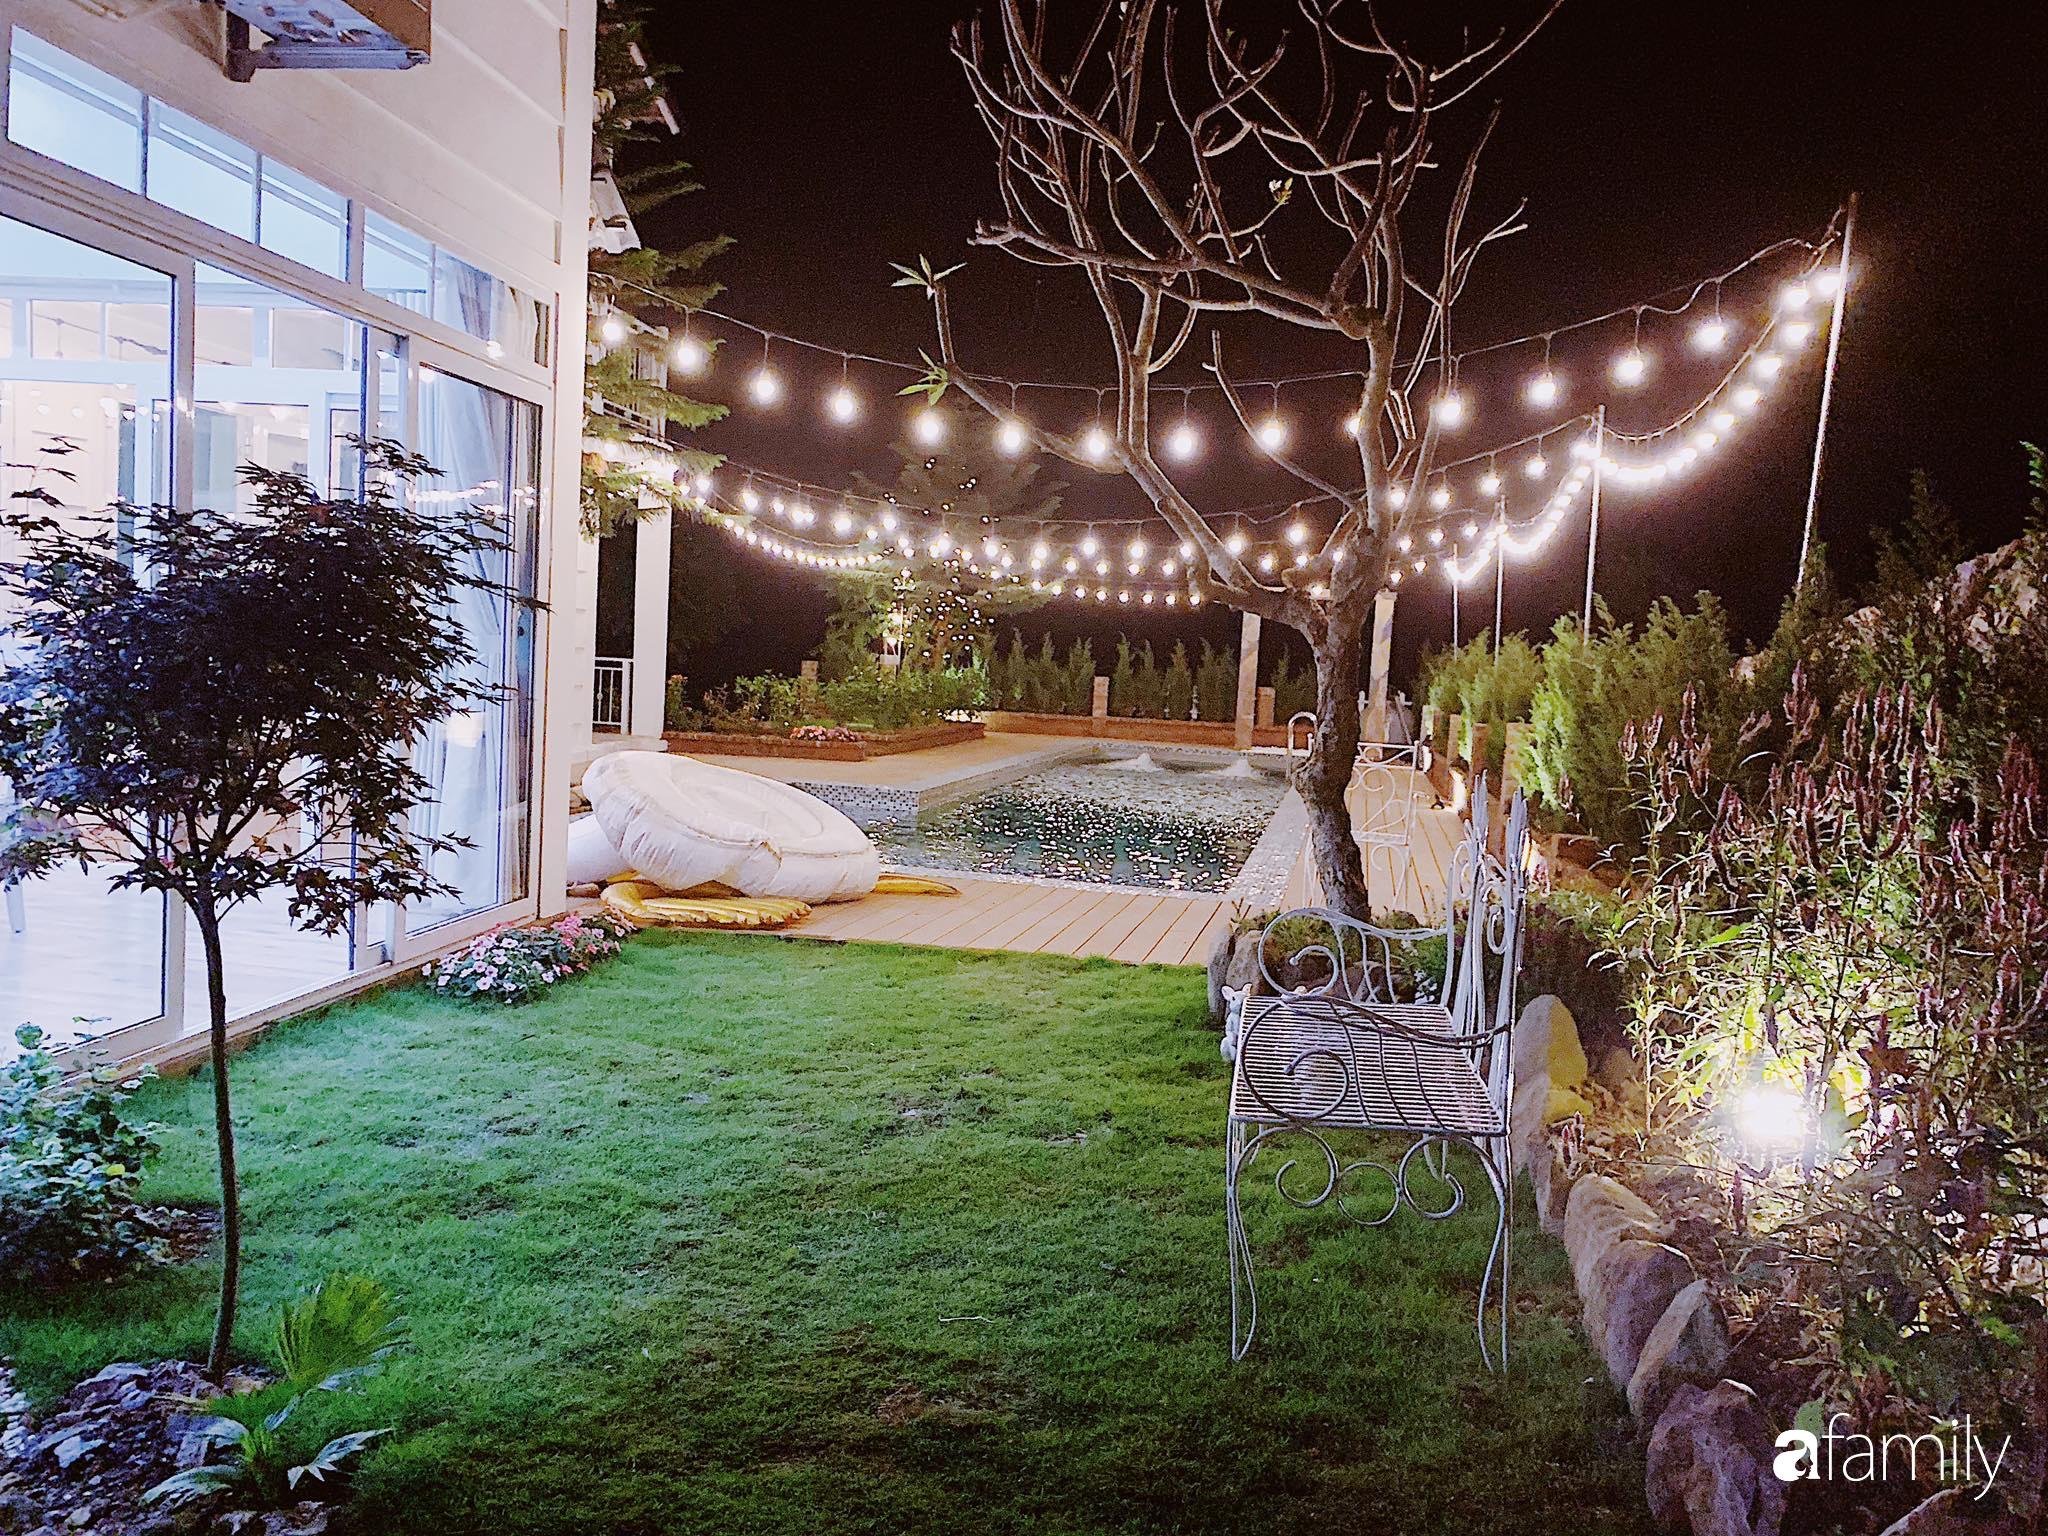 Biệt thự 1000m² tọa lạc trên đồi đẹp yên bình với ngoại thất sân vườn rực rỡ sắc màu hoa lá ở Hòa Bình - Ảnh 7.